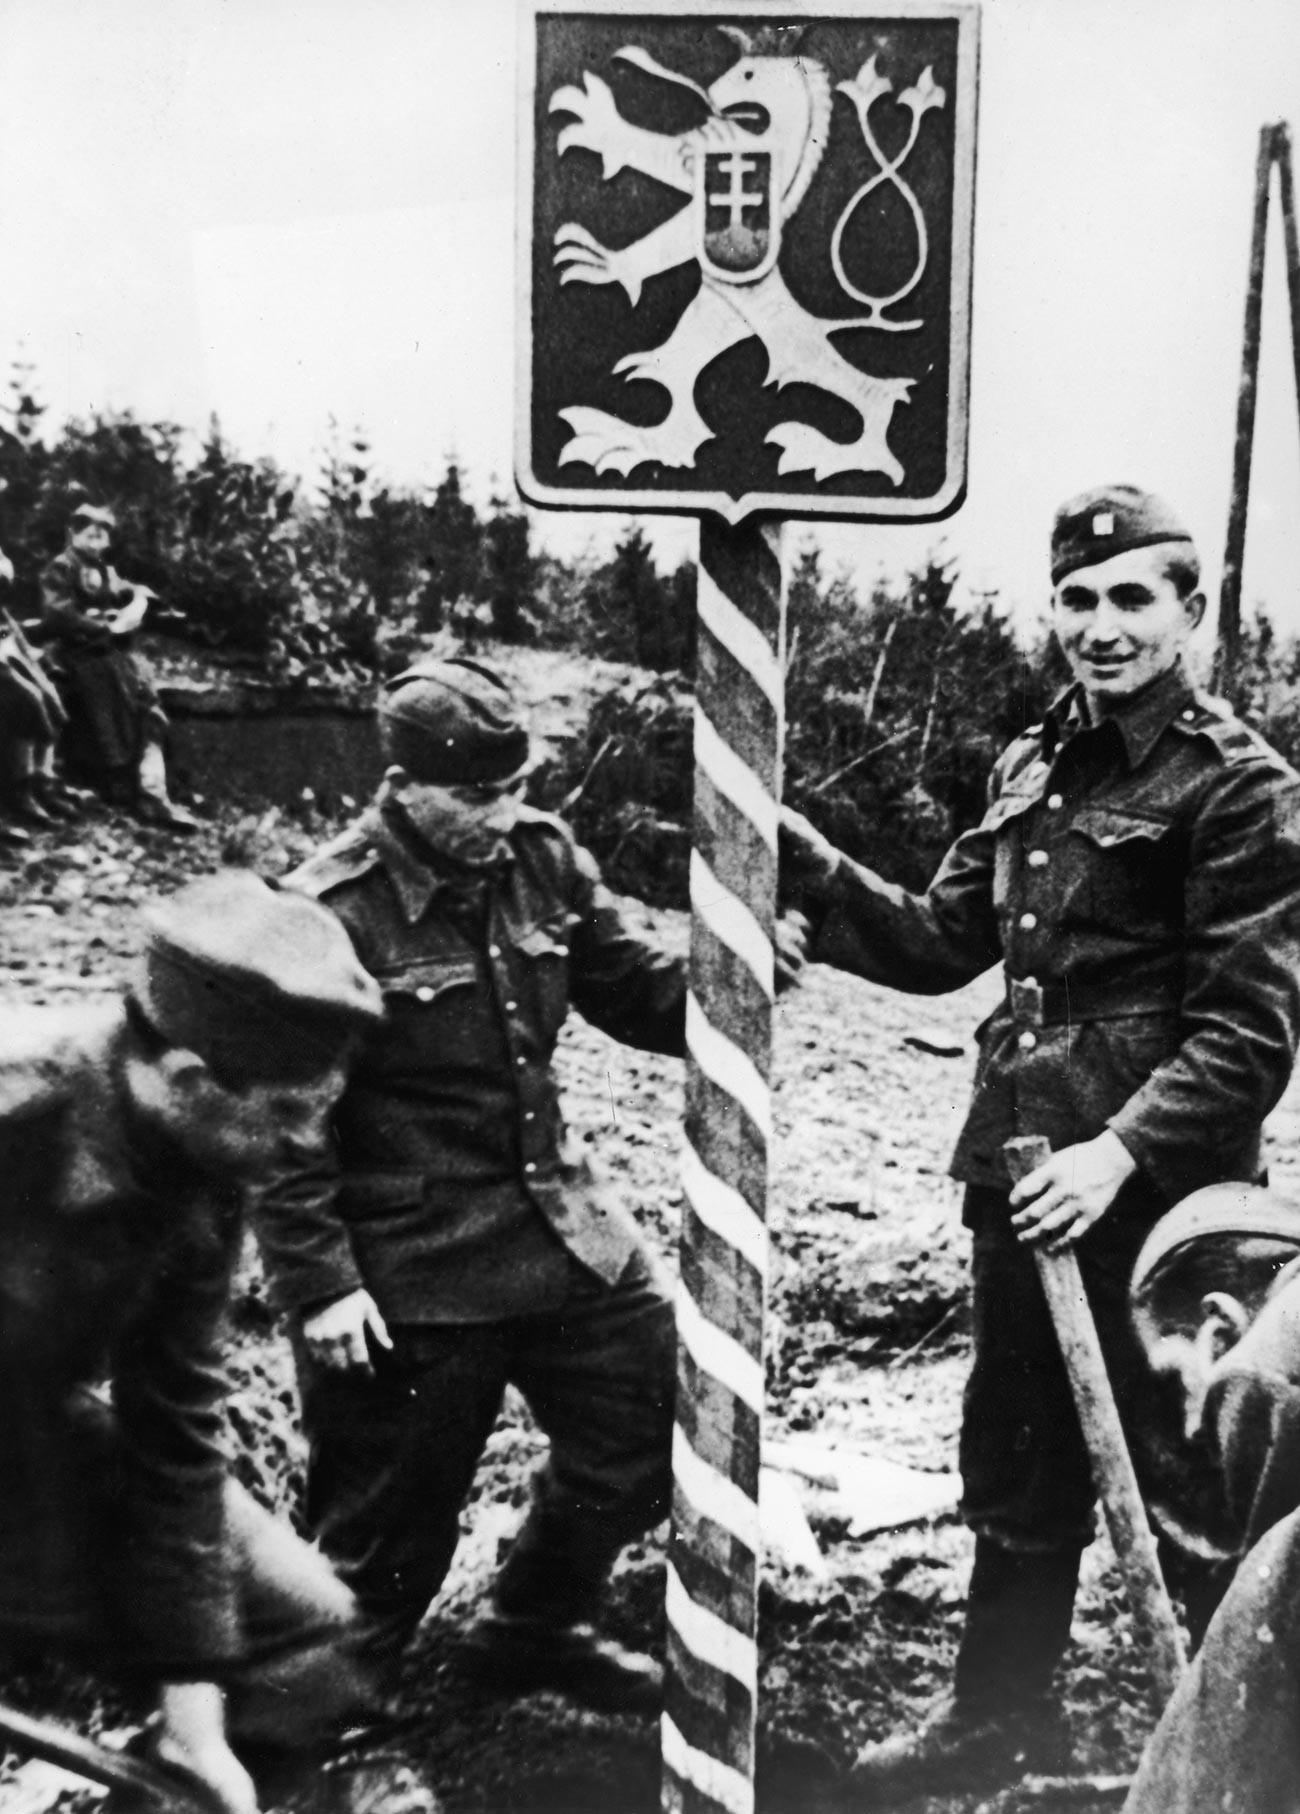 Чешки војници у руској униформи подижу нови гранични прелаз на превоју Дукља, у недавно ослобођеном делу своје земље, 13. децембар 1944.